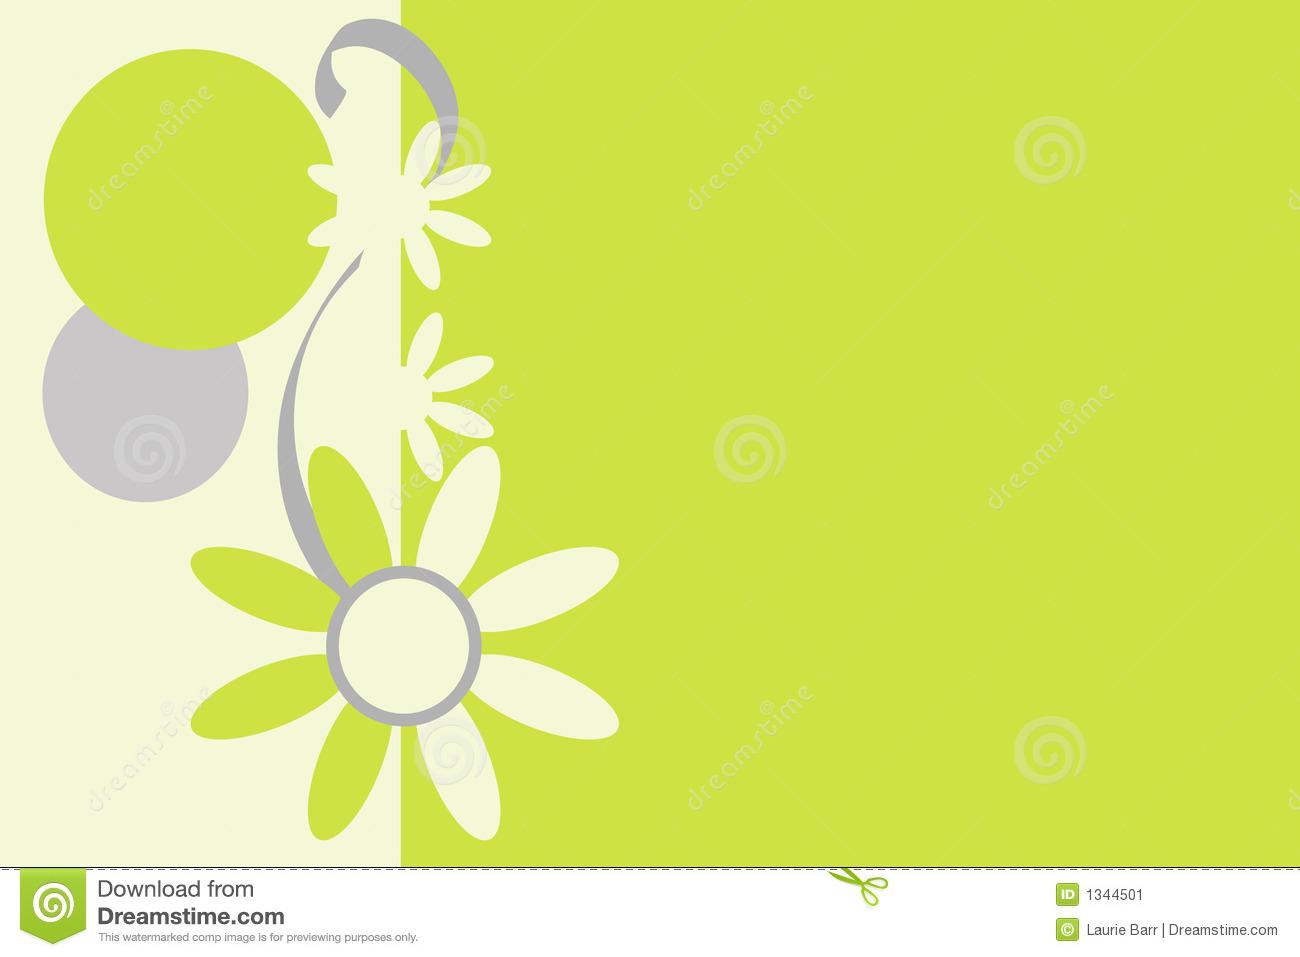 Retro Flowered Background. Stock Image.